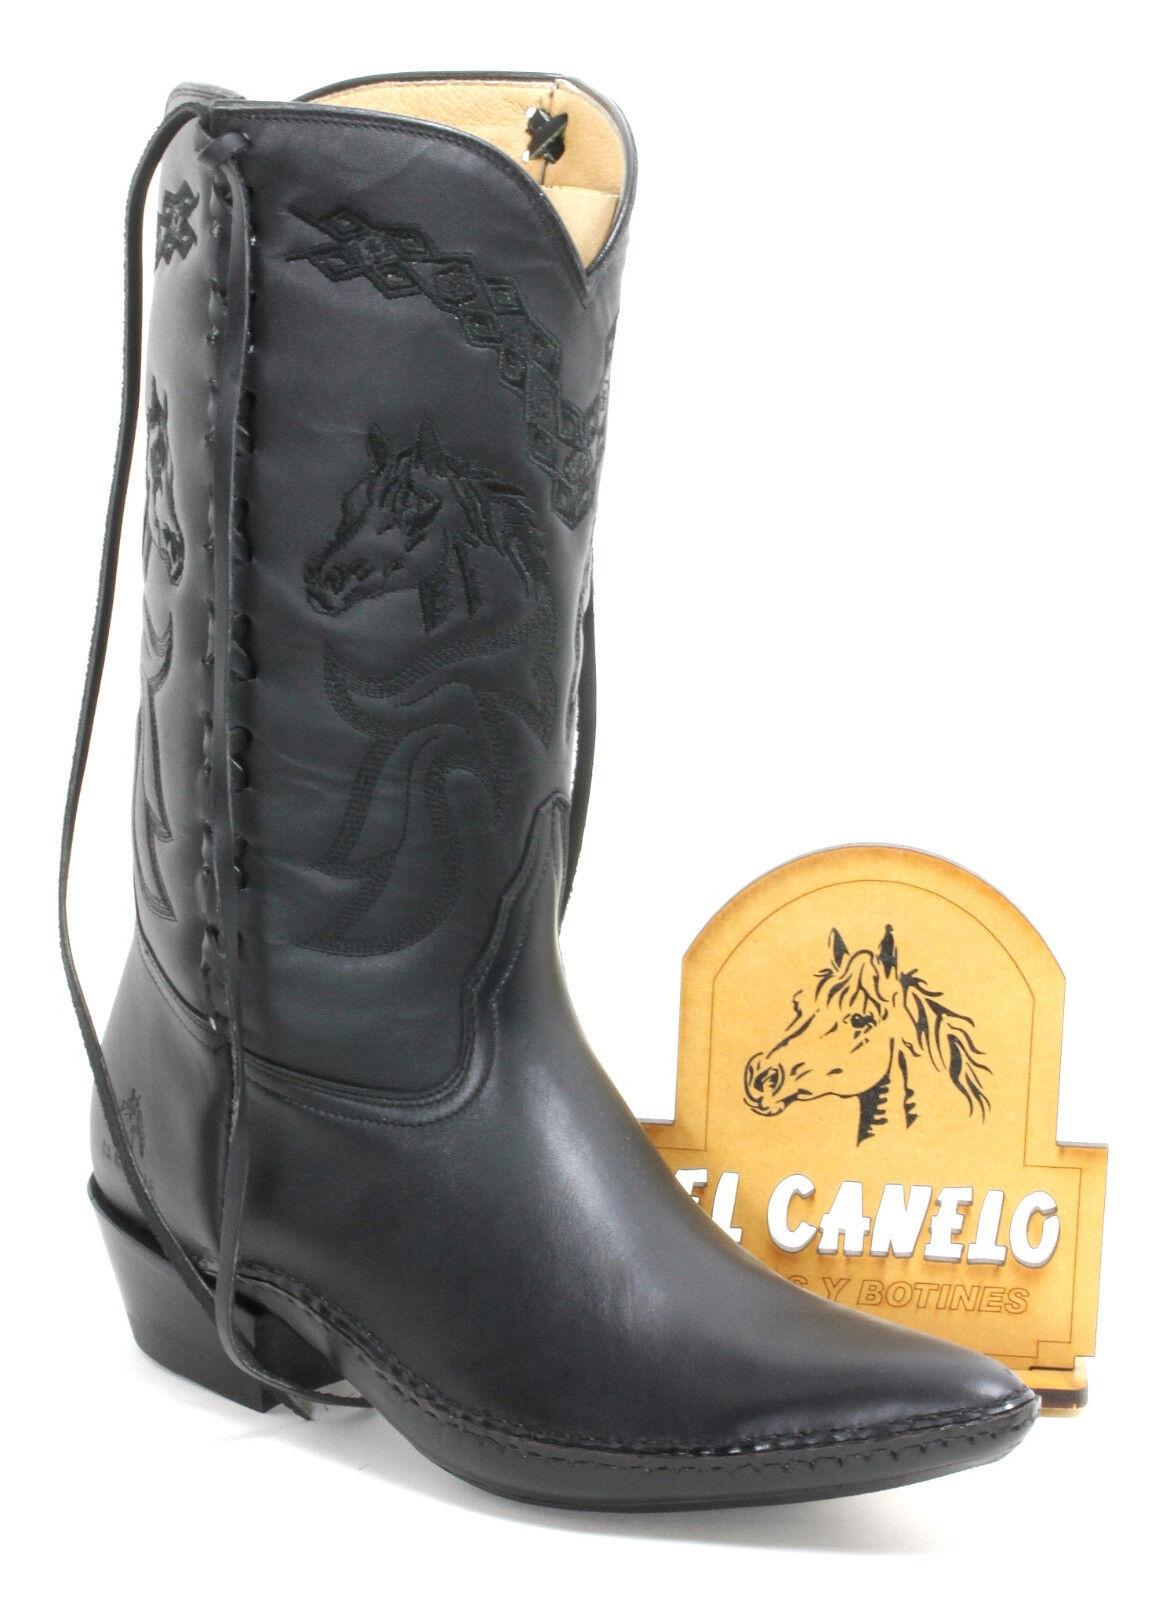 Cowboystiefel Westernstiefel Reitstiefel Texas Rodeo Catalan Style El Canelo 42